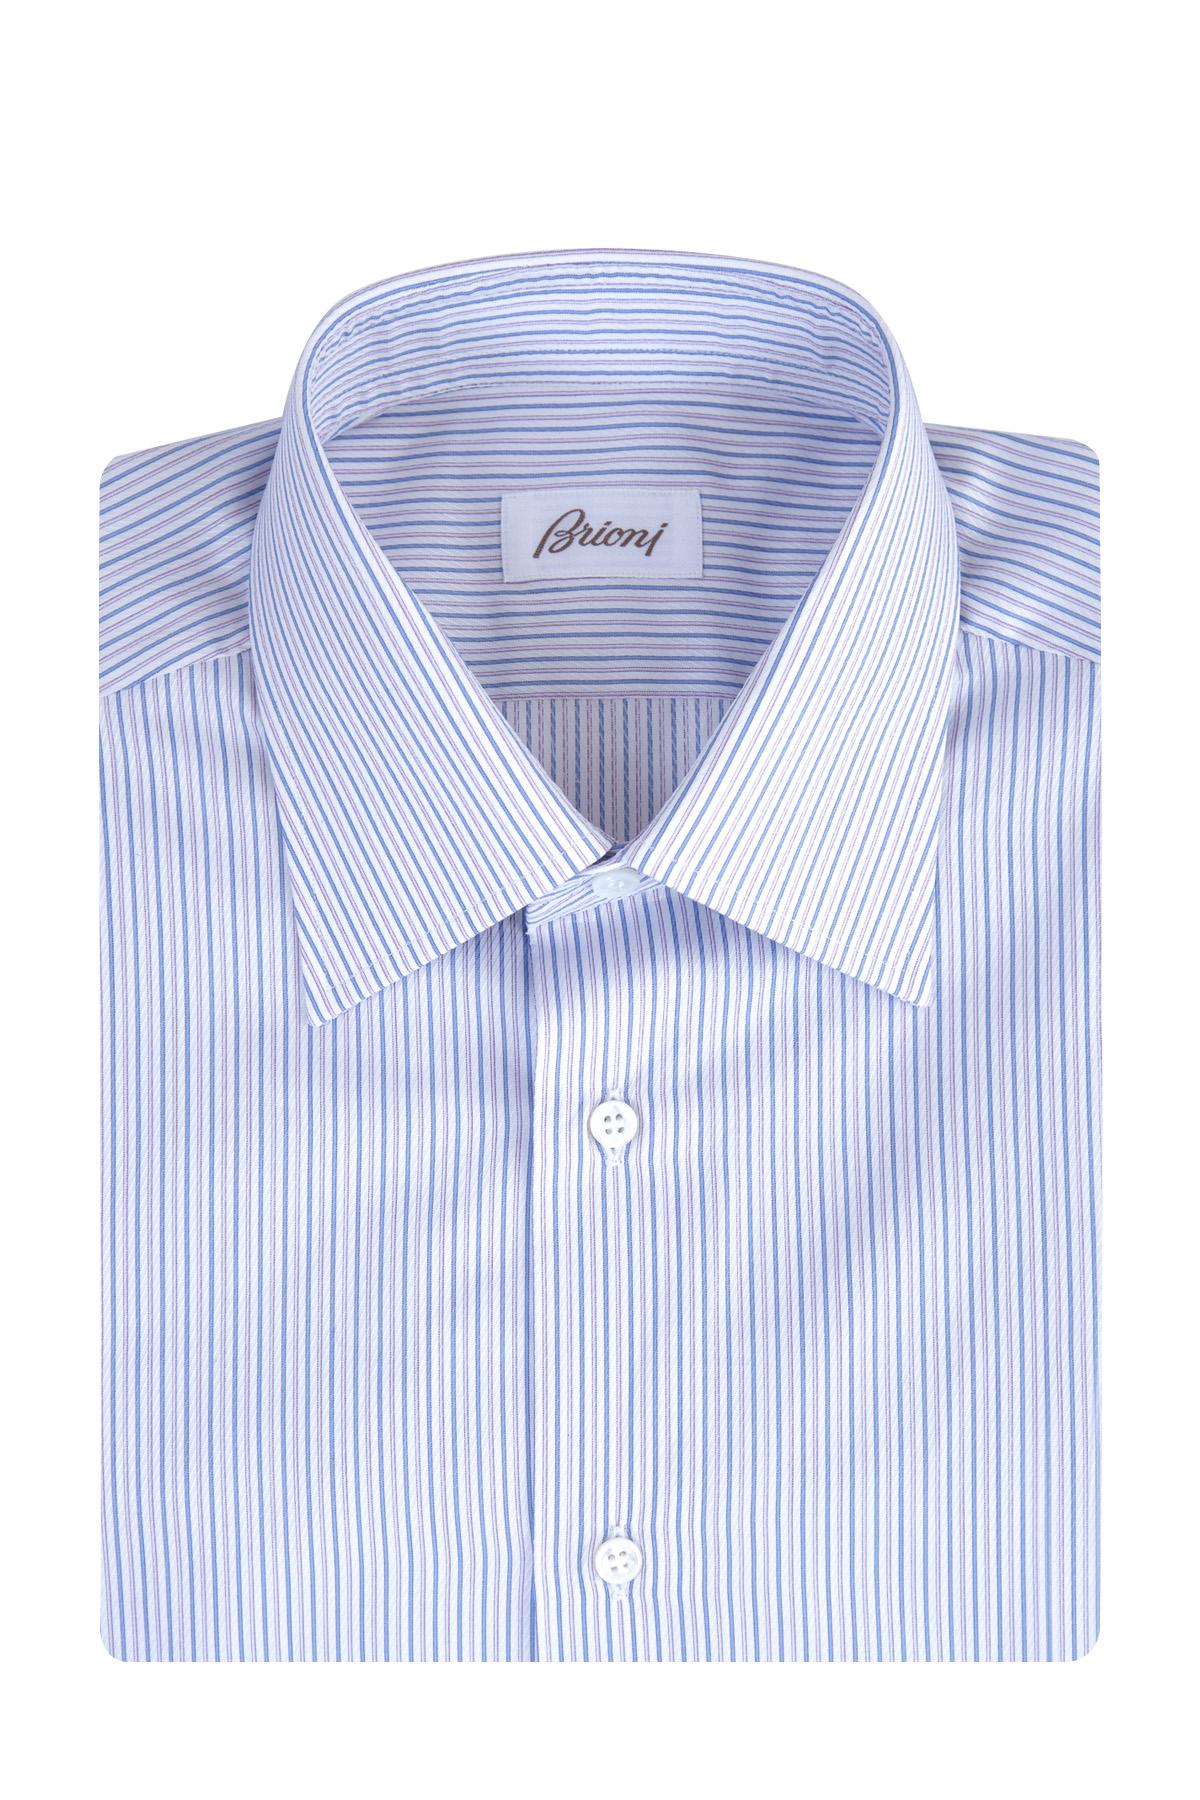 Купить Рубашка, BRIONI, Италия, 100% хлопок